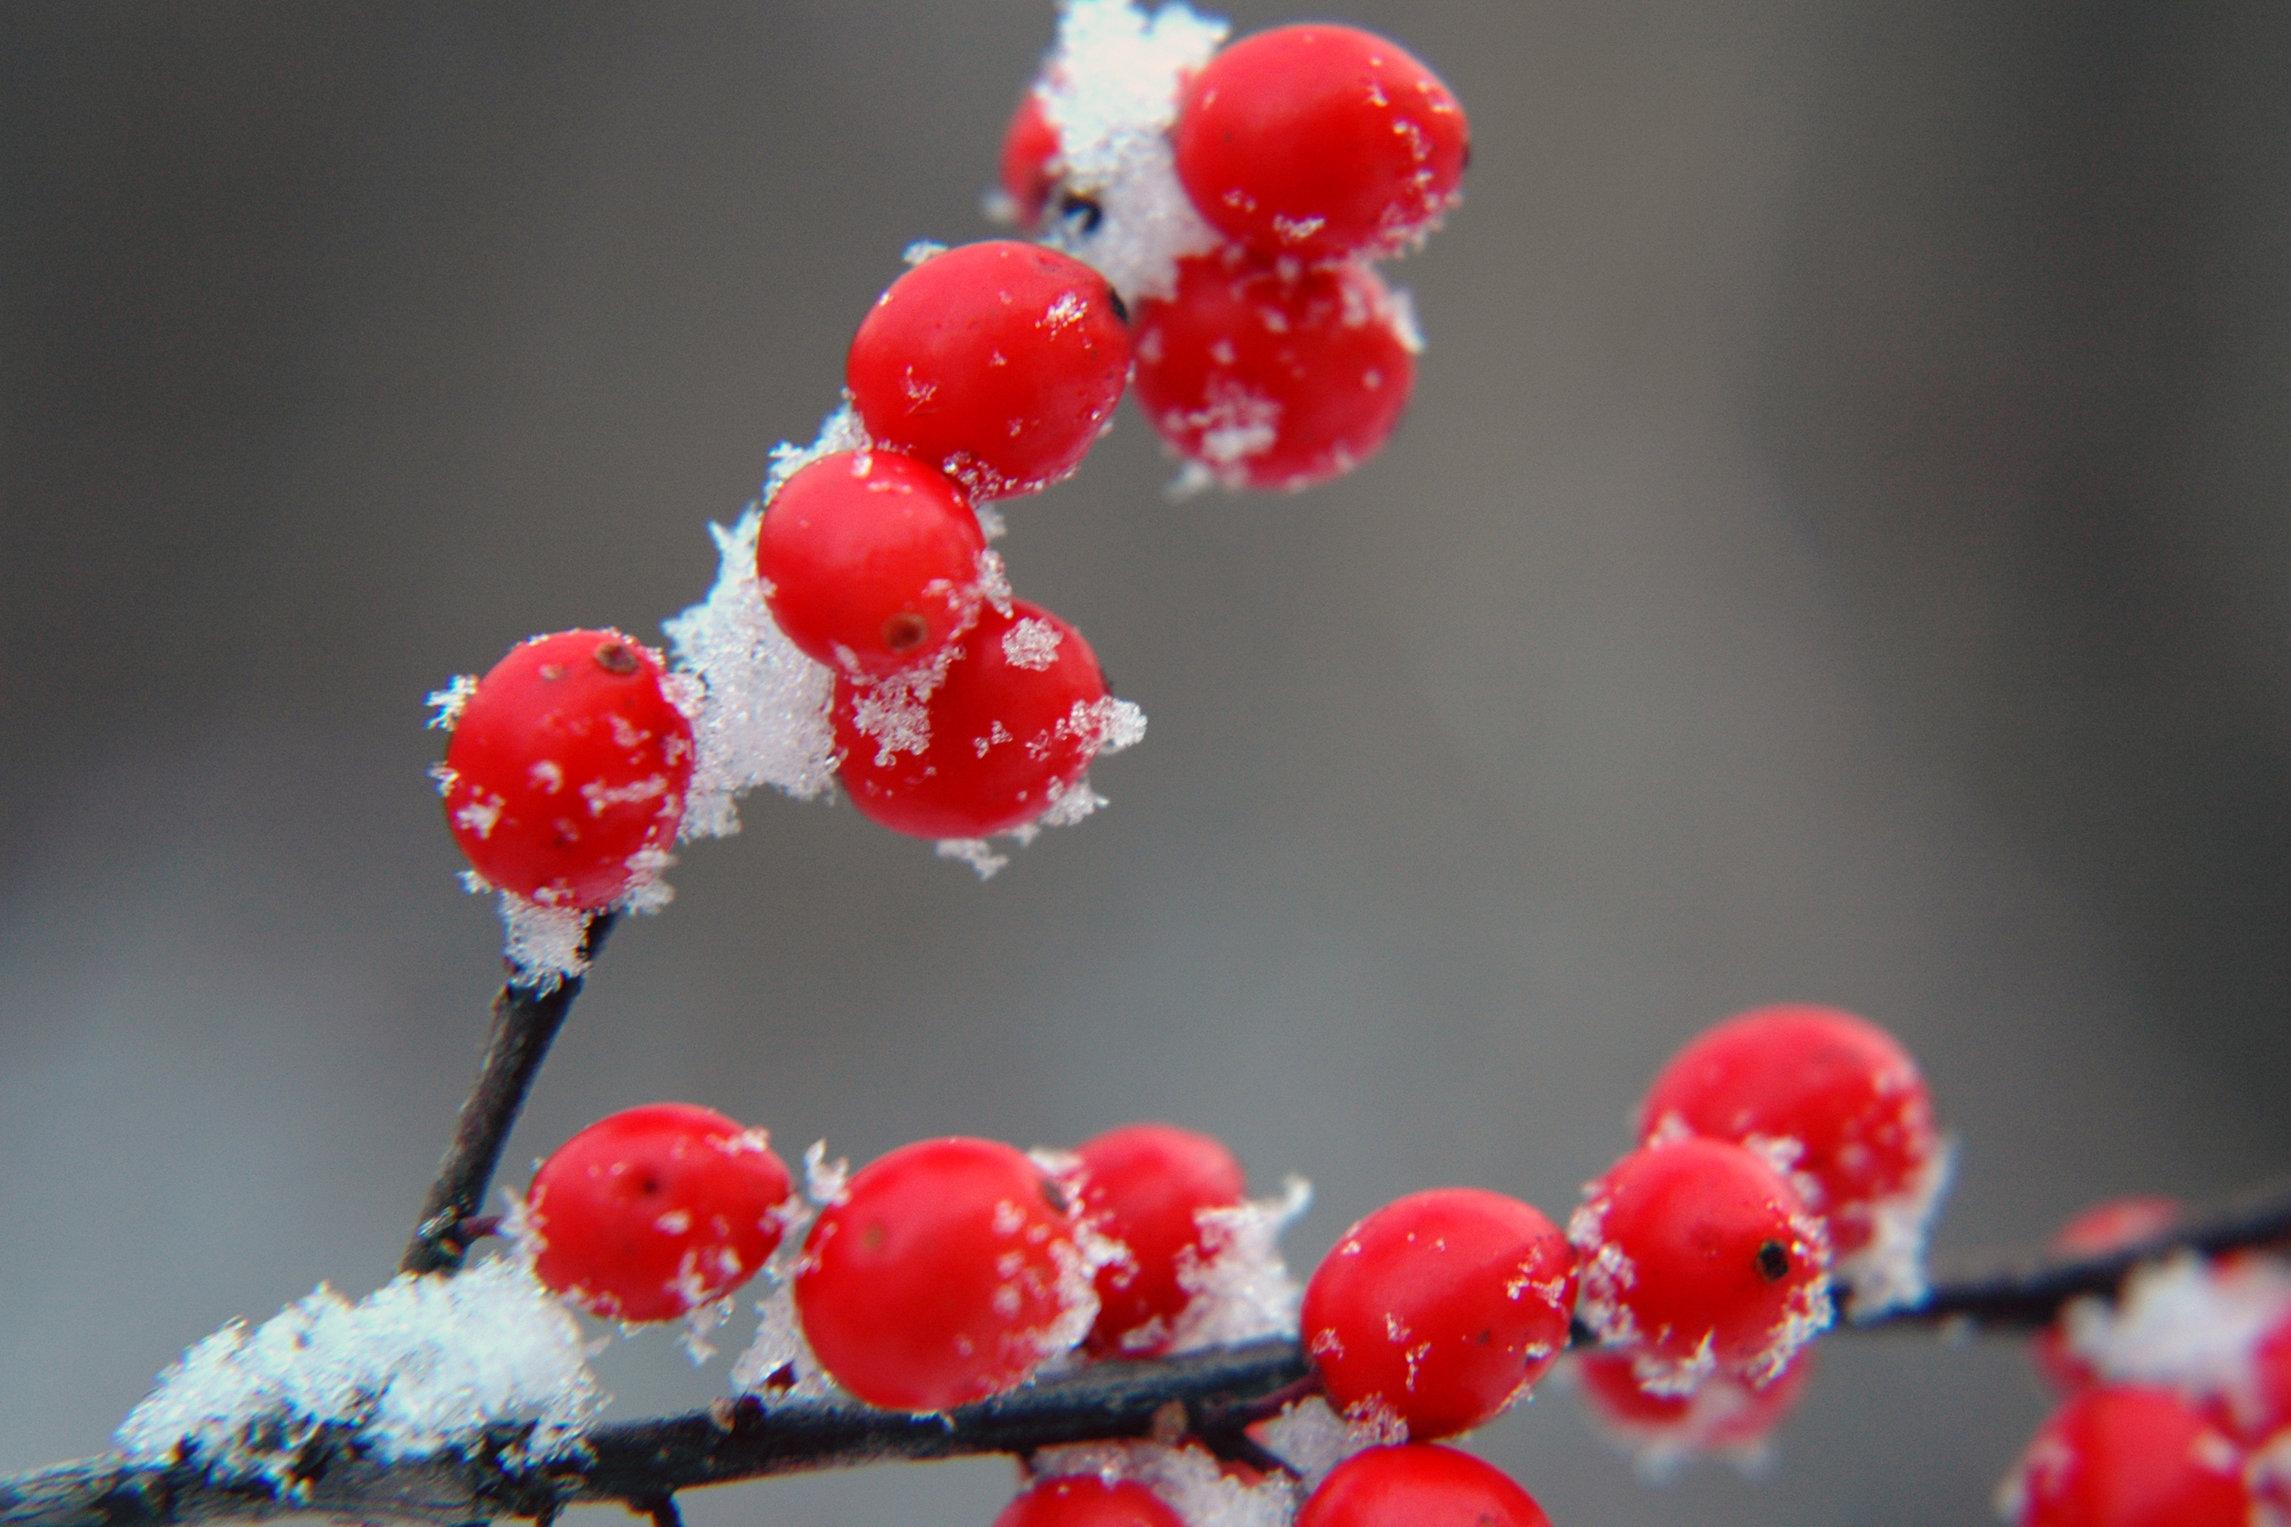 Winter berries photo